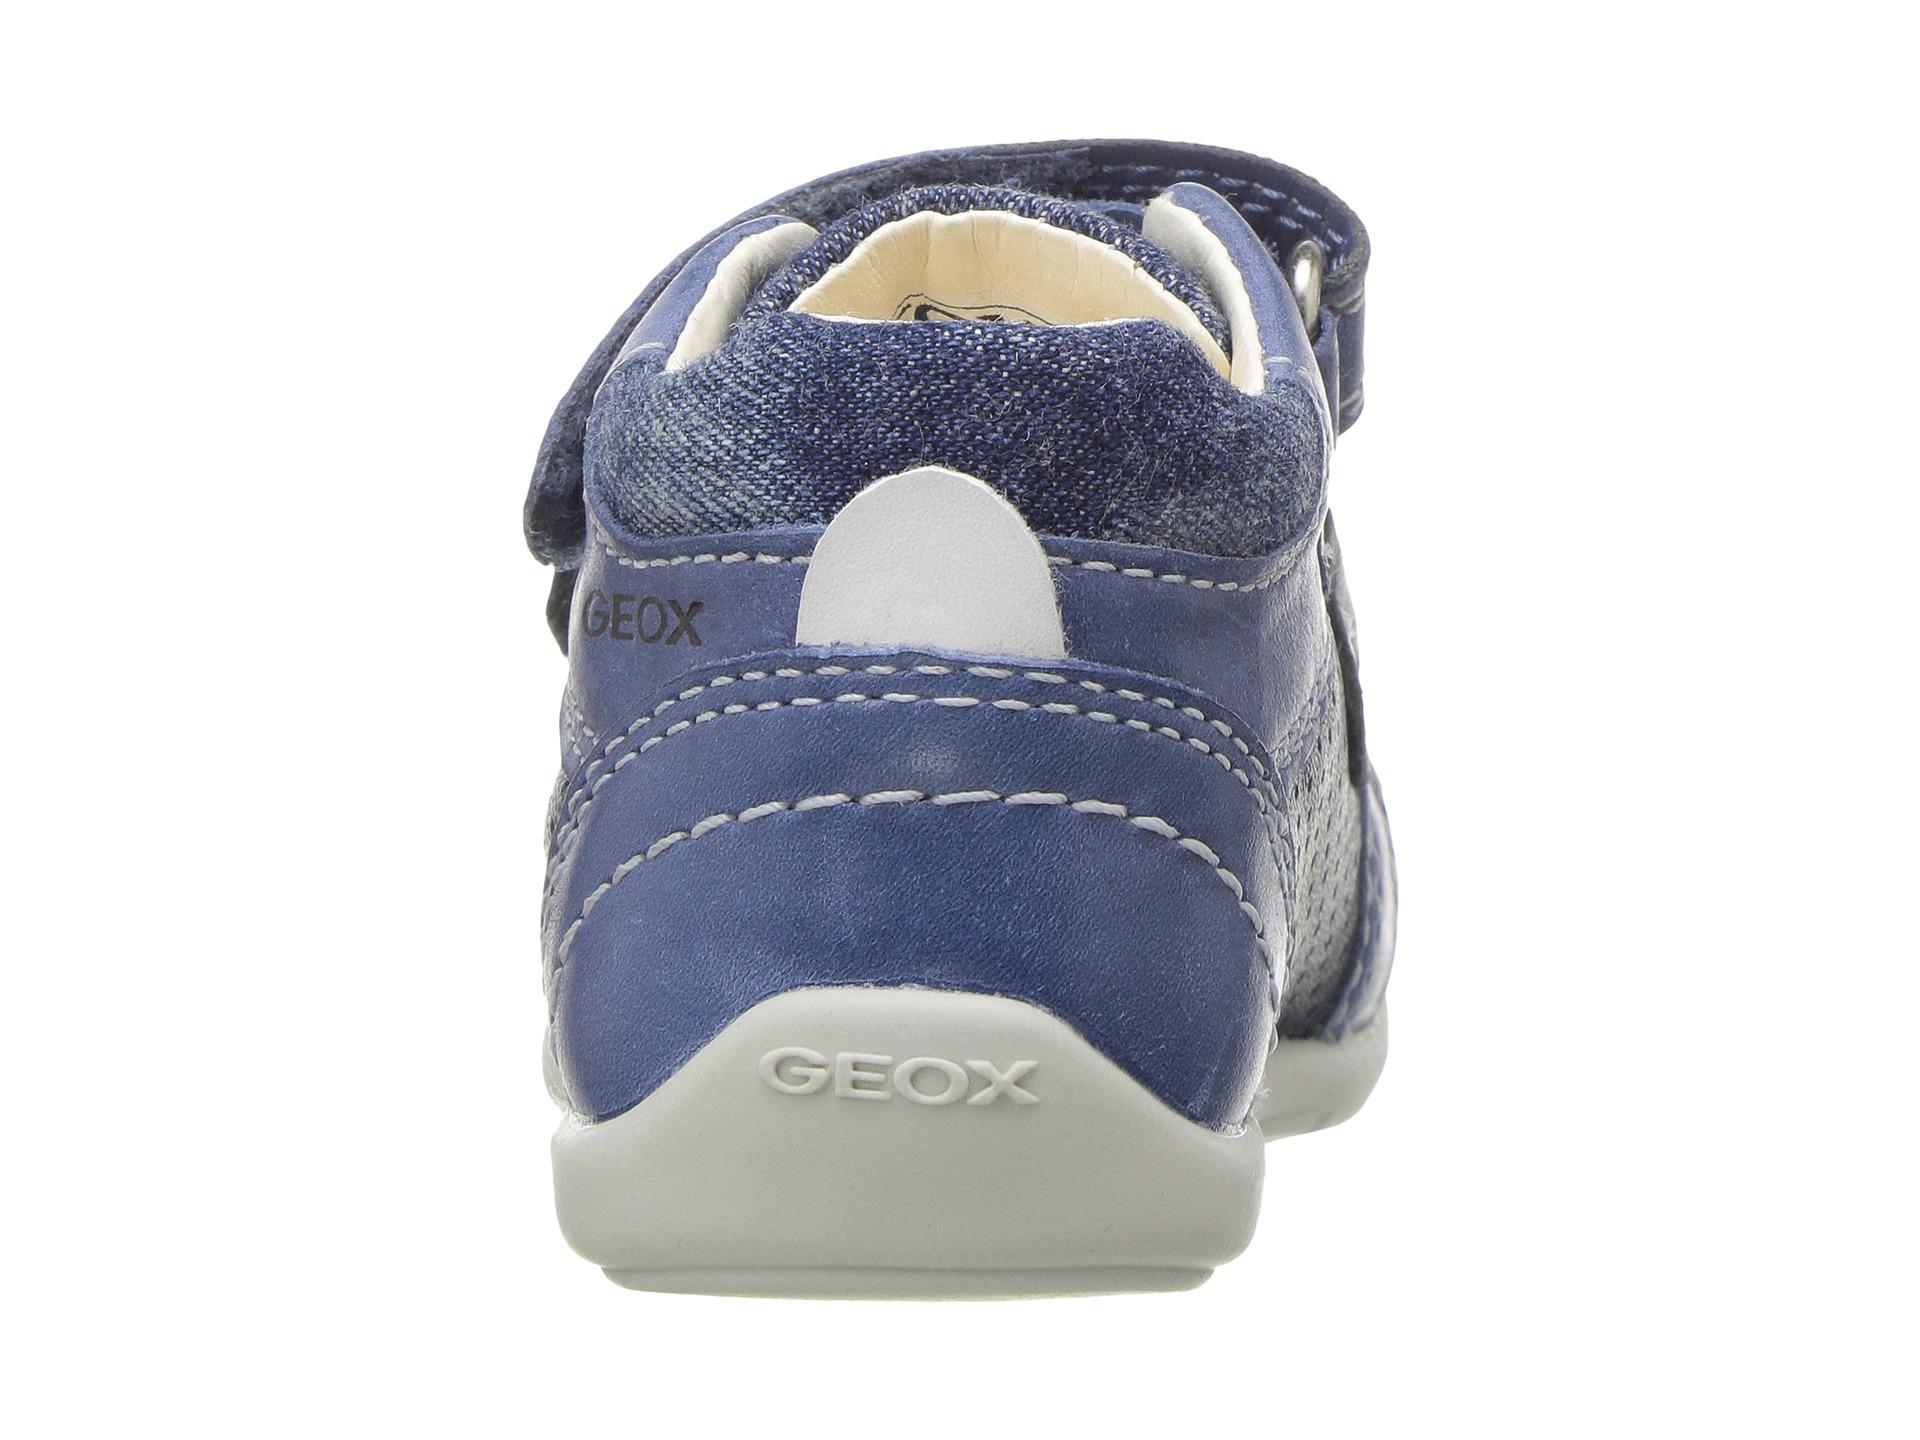 Geox Kids Baby Kaytan Boy 24 Infant Toddler at Zappos